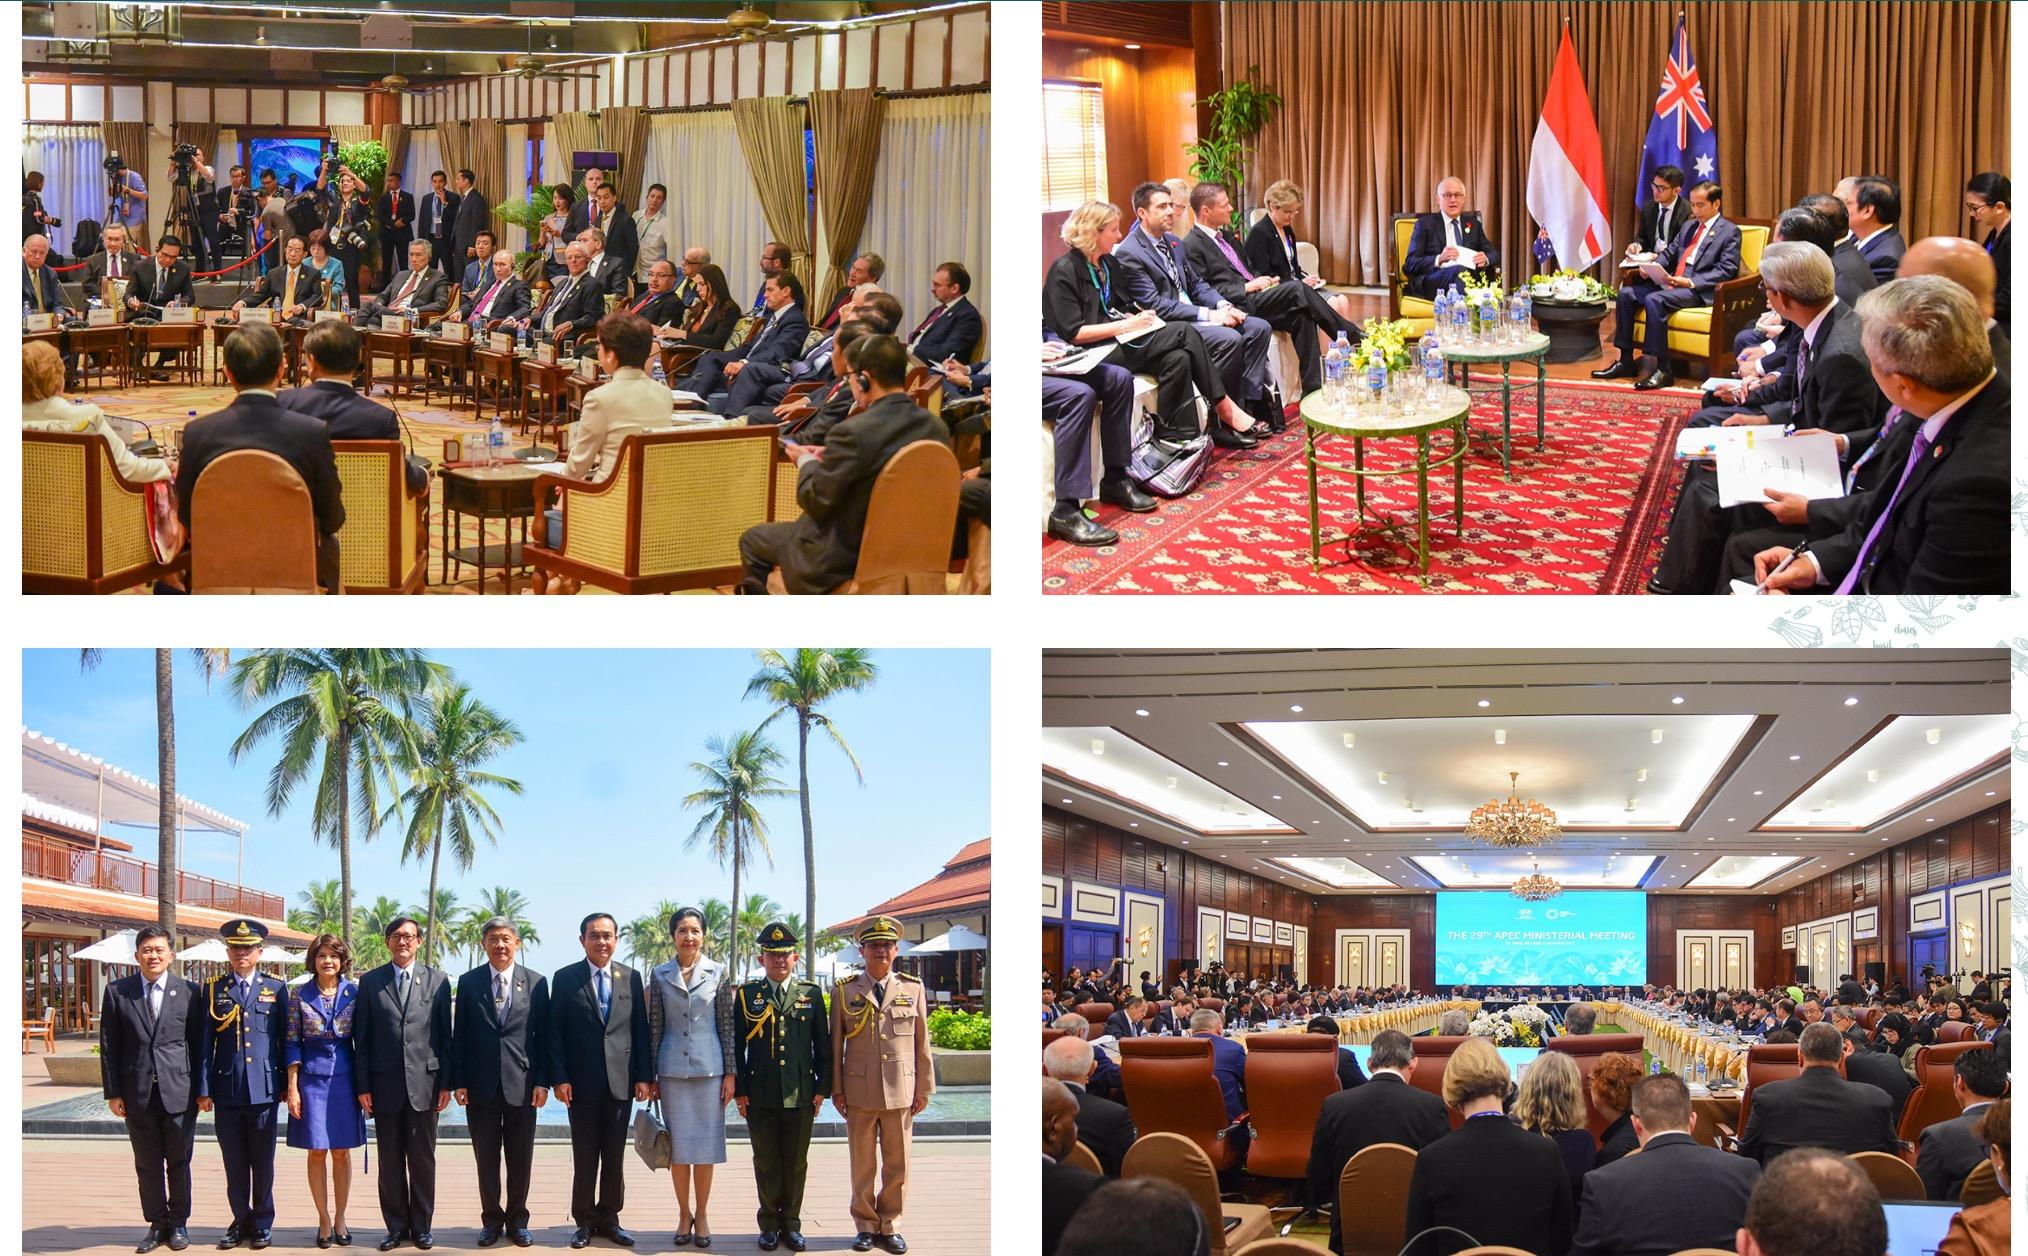 A high level conferences at Furama Resort Da Nang